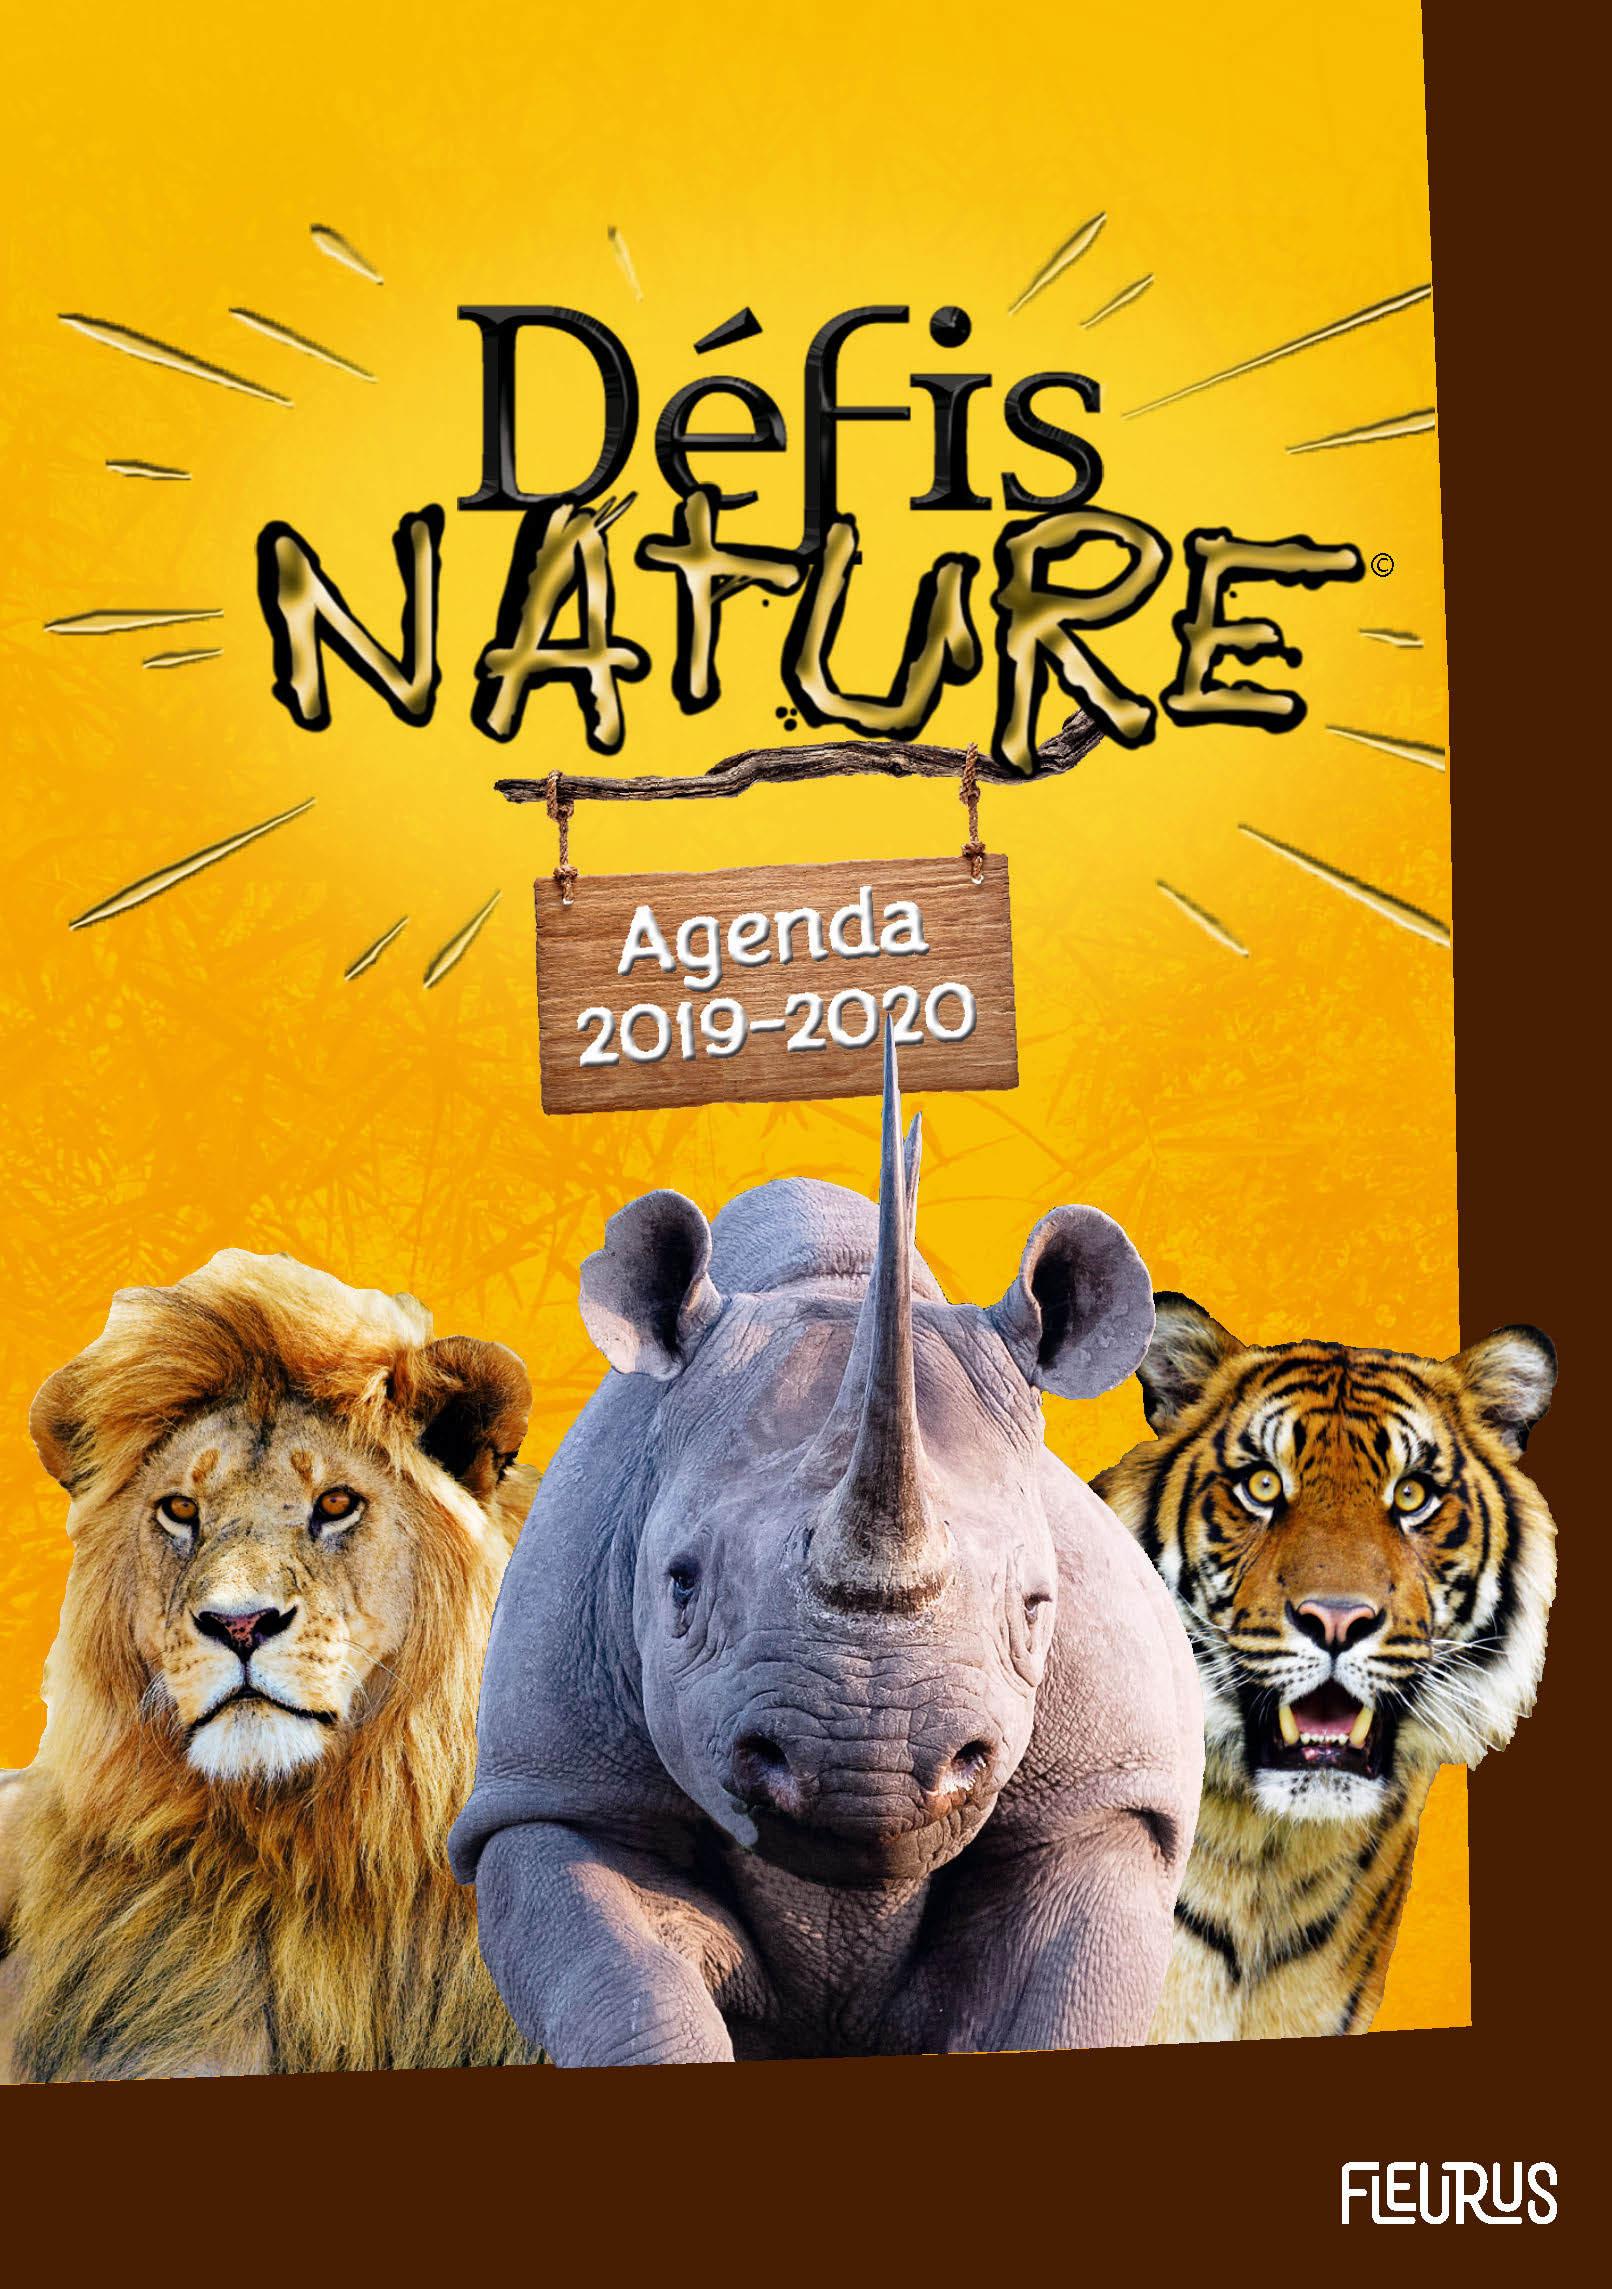 AGENDA DEFIS NATURE 2019-2020